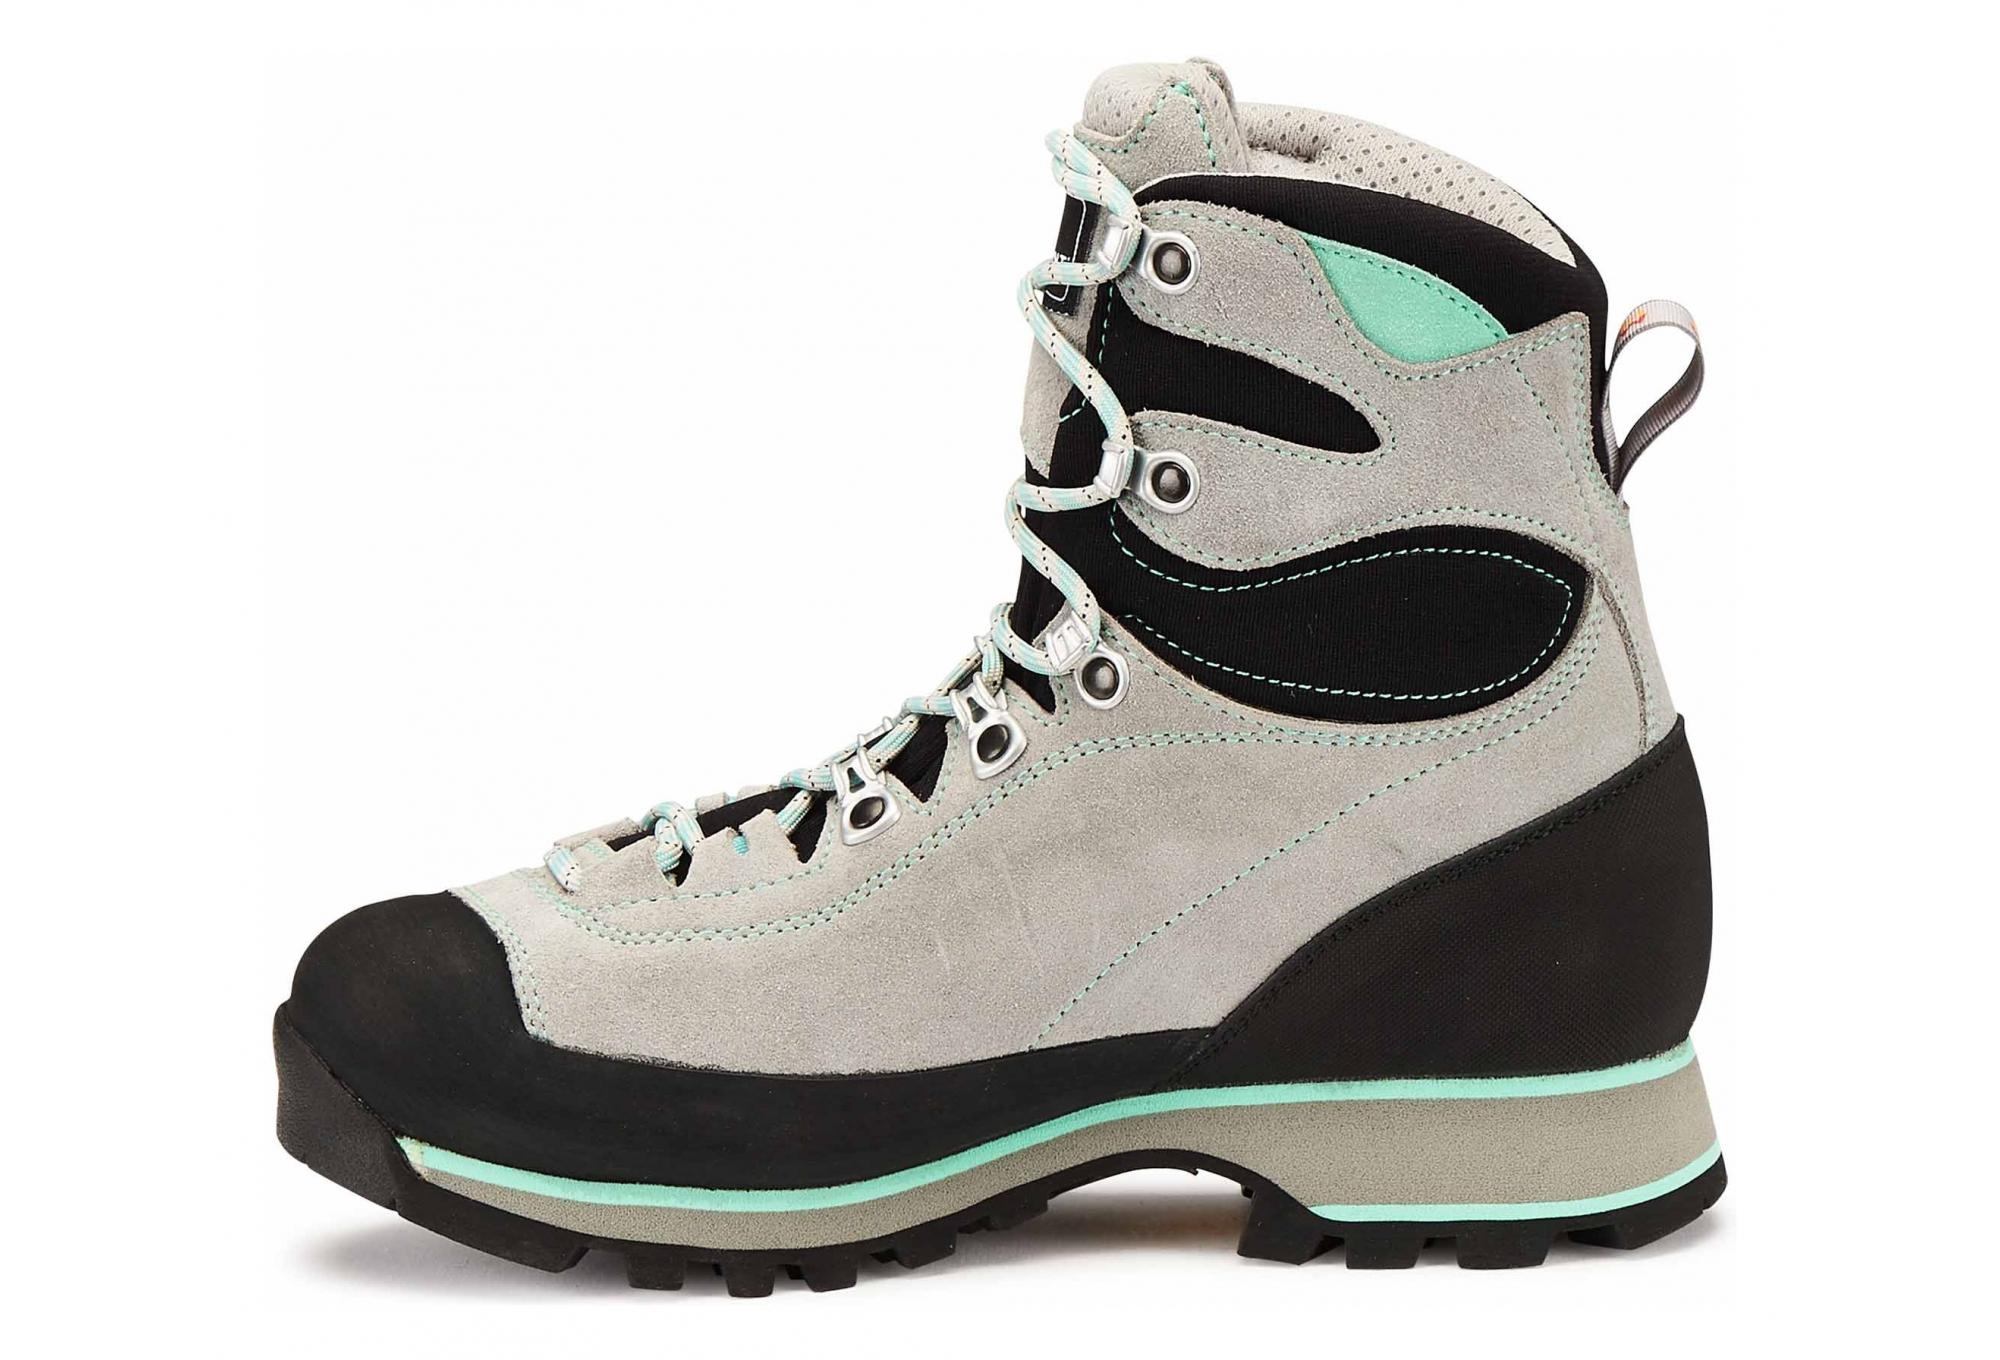 0fd059420422 Garmont Tower Trek GTX Women's Shoes Grey Green